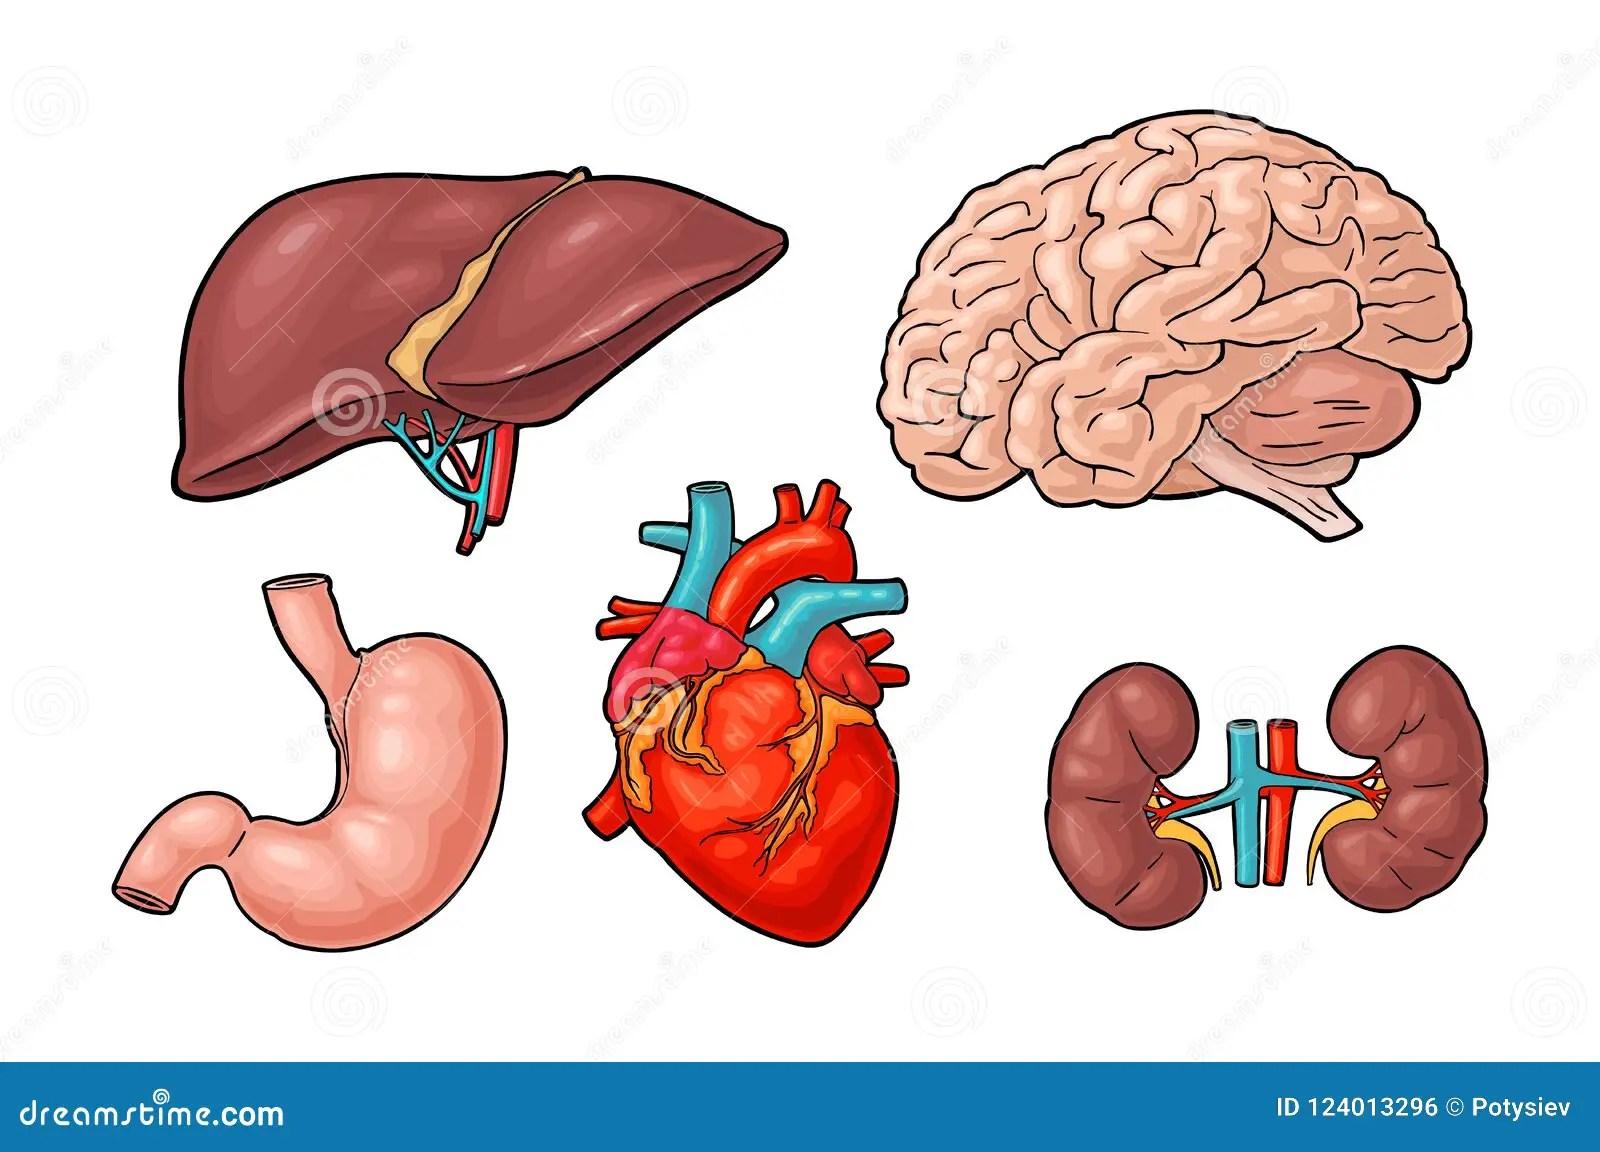 Organos Humanos De La Anatomia Cerebro Rinon Corazon